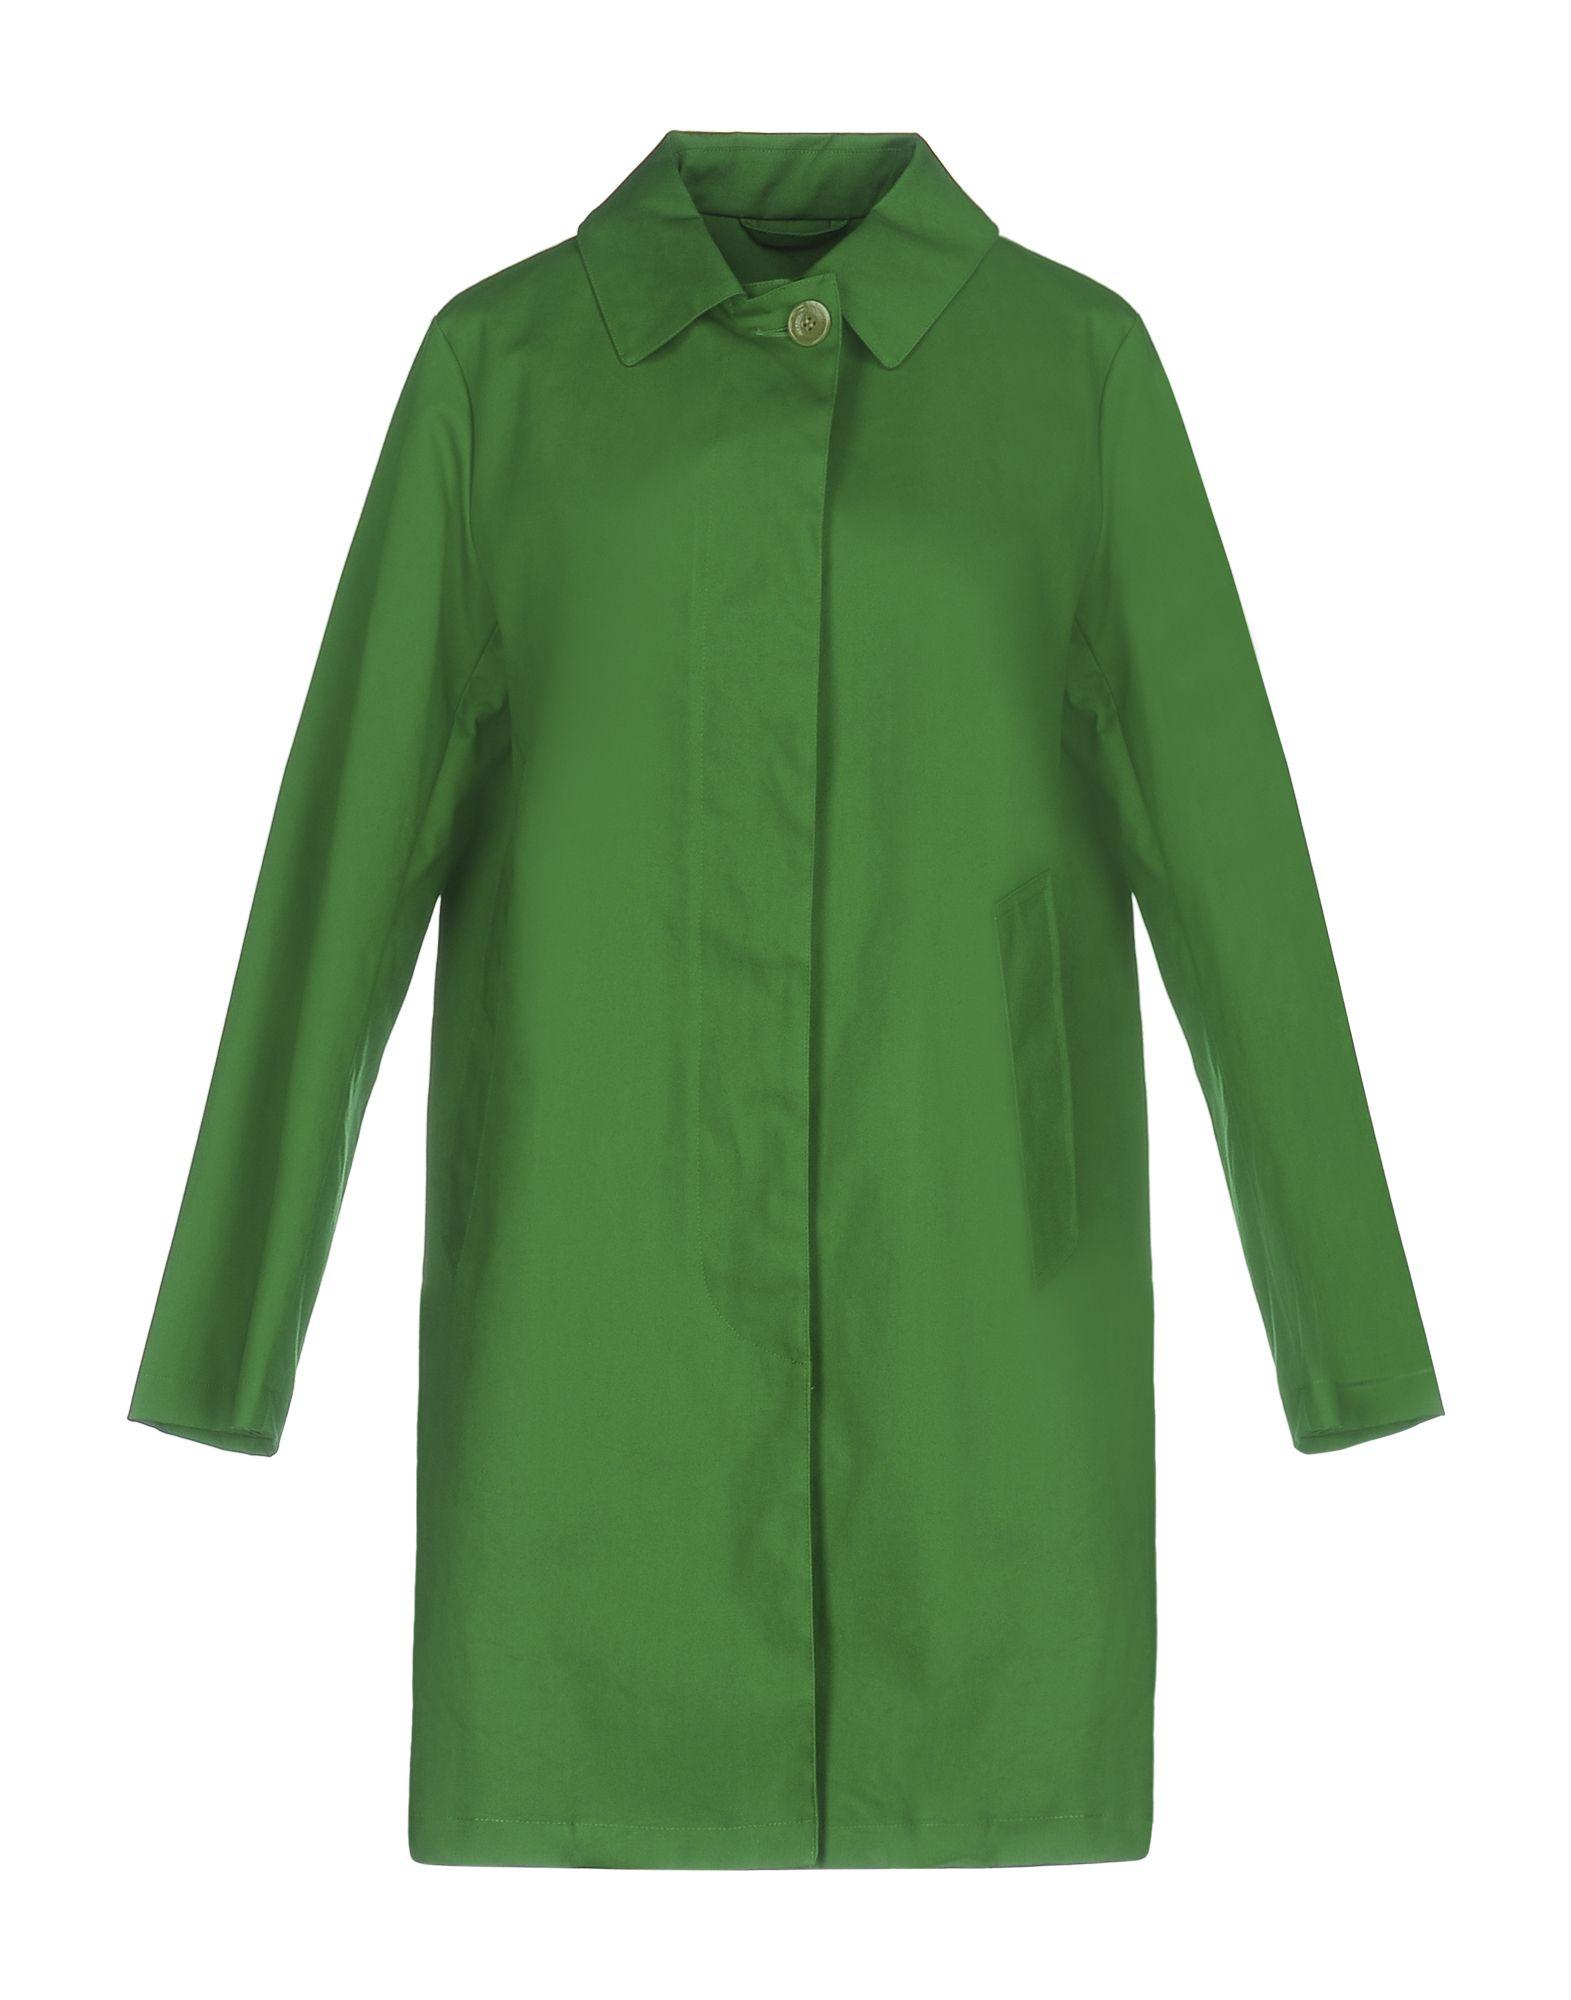 《送料無料》TRADITIONAL WEATHERWEAR レディース ライトコート グリーン 38 コットン 100%